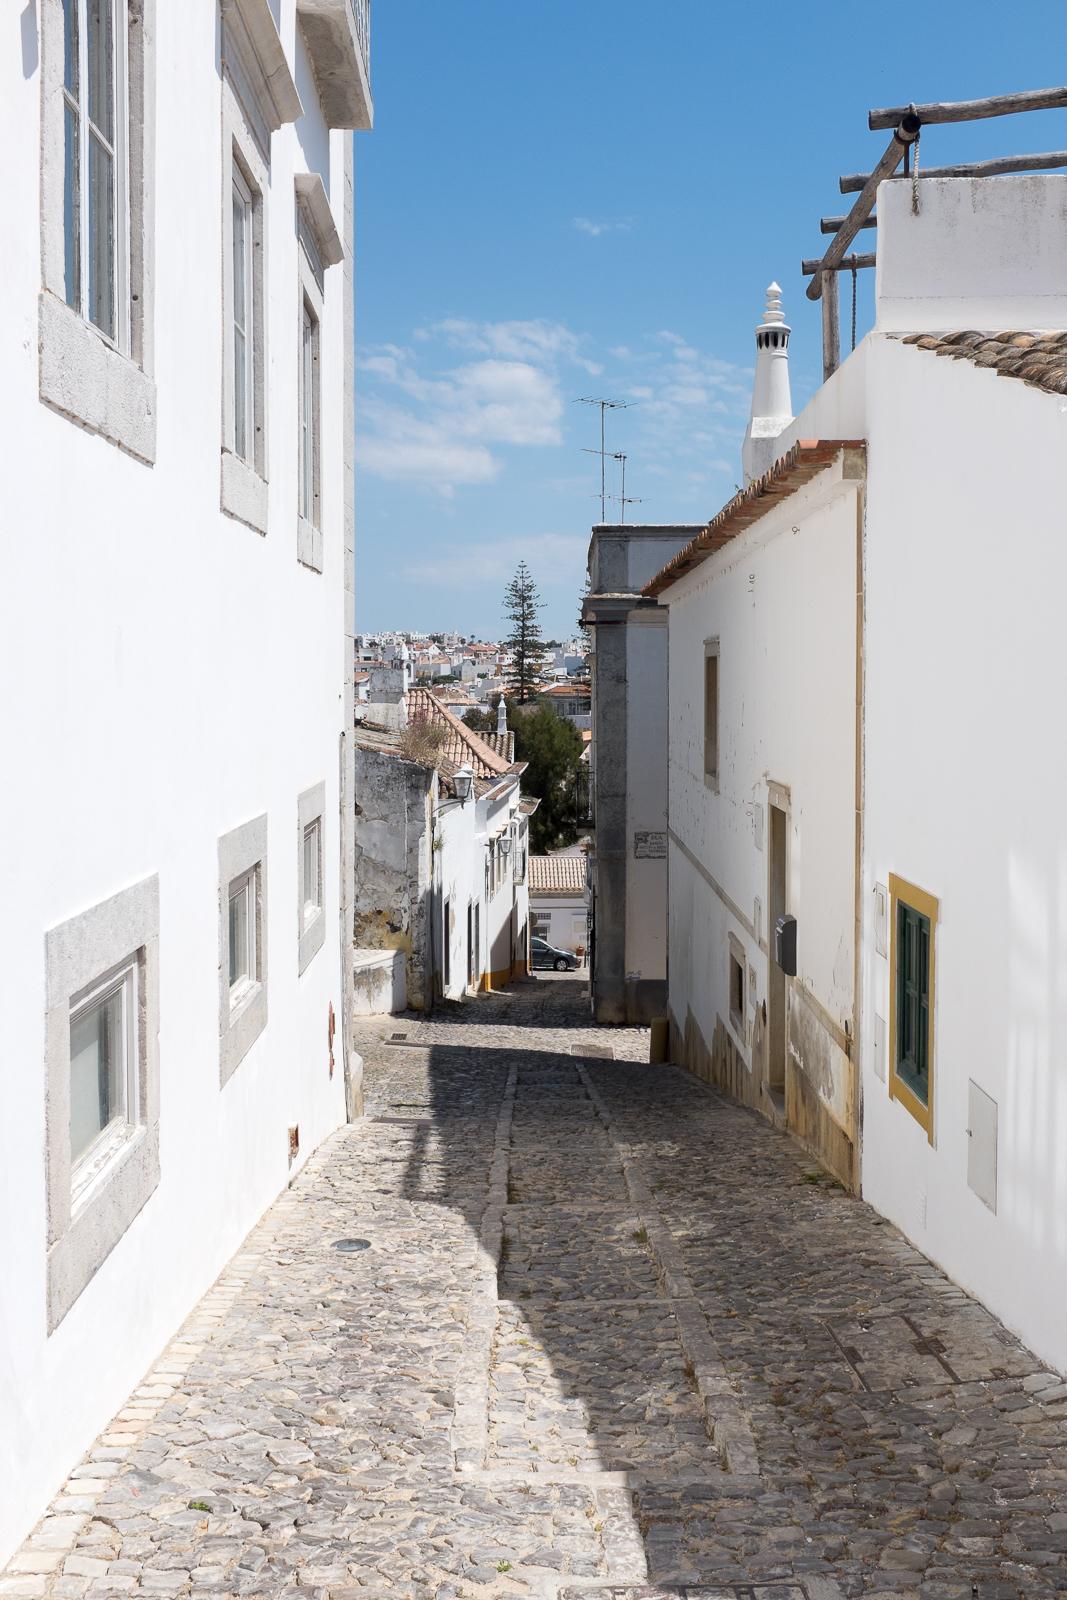 Dag07-Algarve-016-DSCF1926